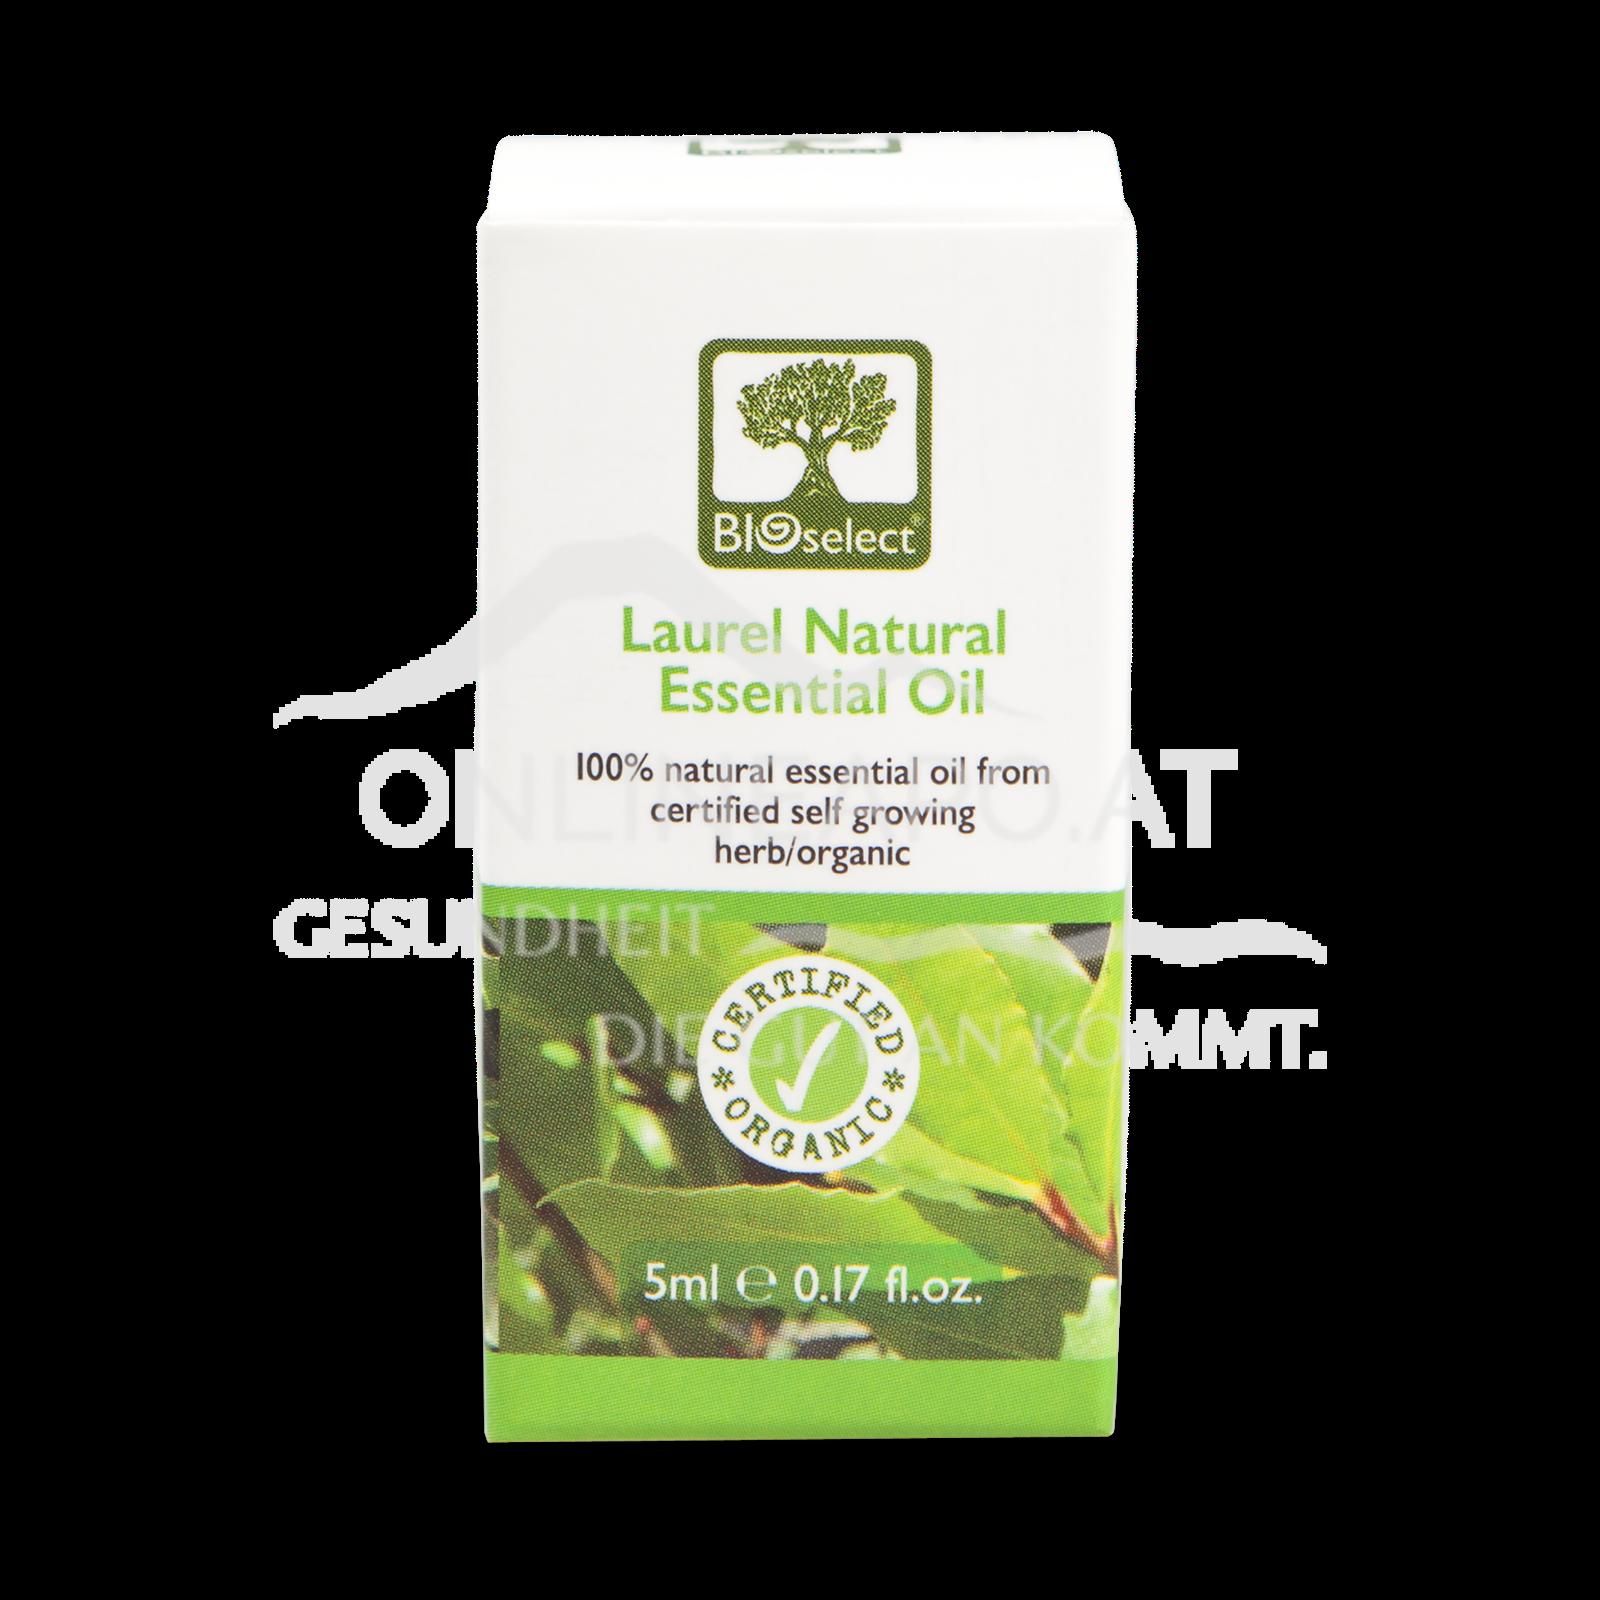 Bioselect Laurel Natural Essential Oil Certified Organic